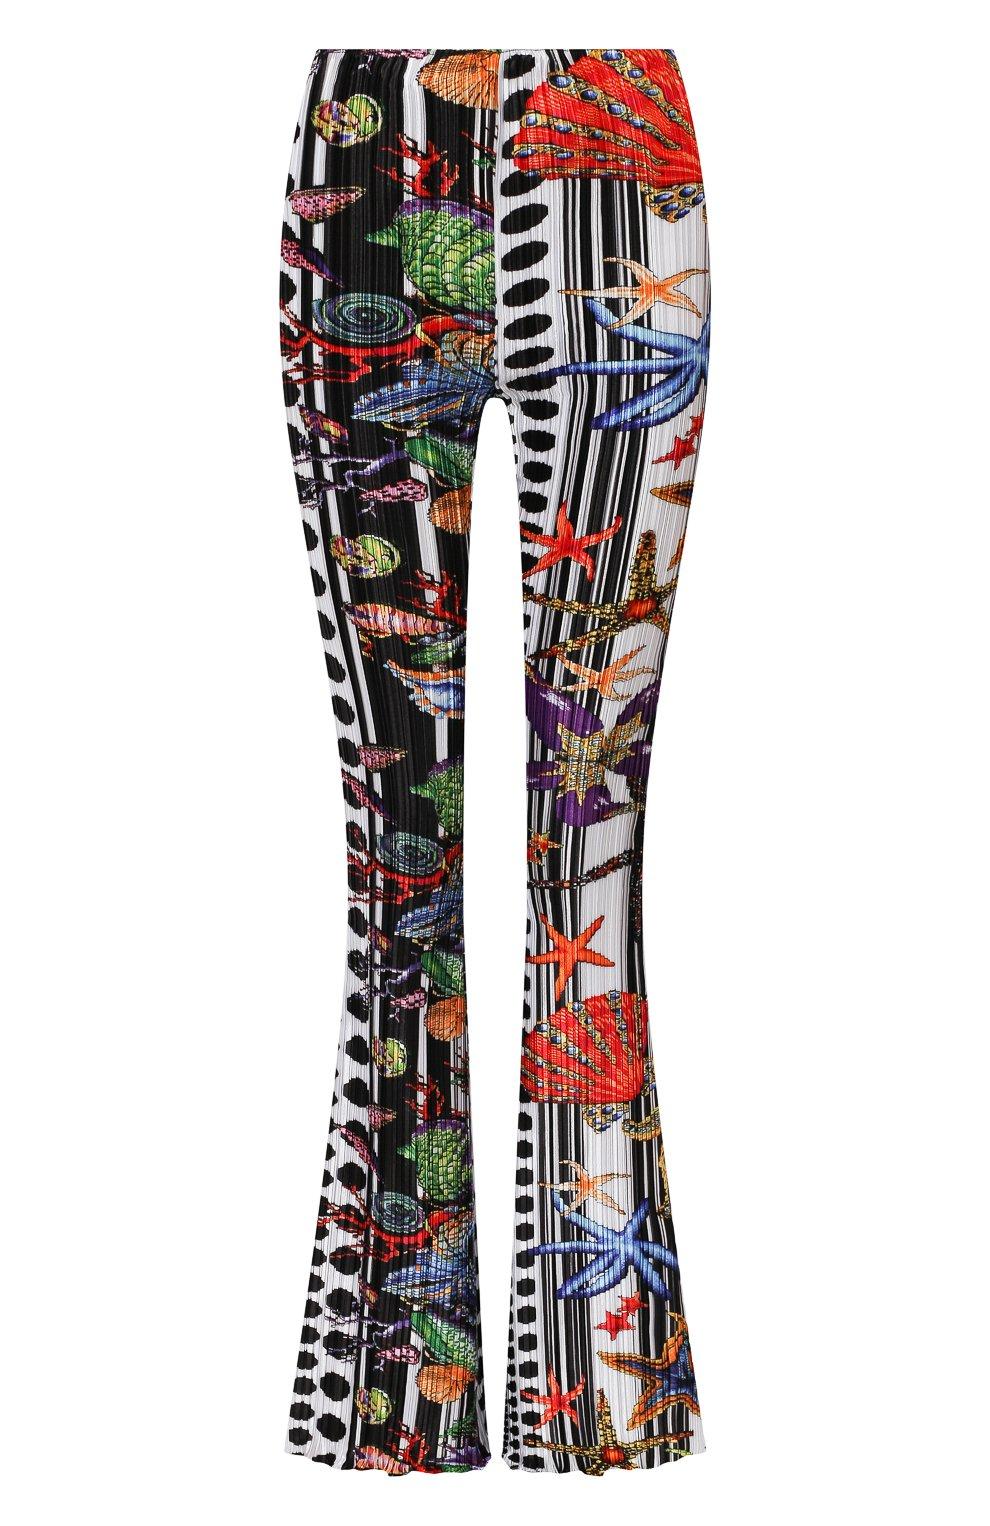 Женские брюки VERSACE разноцветного цвета, арт. A89220/1F01292 | Фото 1 (Длина (брюки, джинсы): Удлиненные; Женское Кросс-КТ: Брюки-одежда; Материал внешний: Синтетический материал; Силуэт Ж (брюки и джинсы): Расклешенные; Стили: Романтичный)